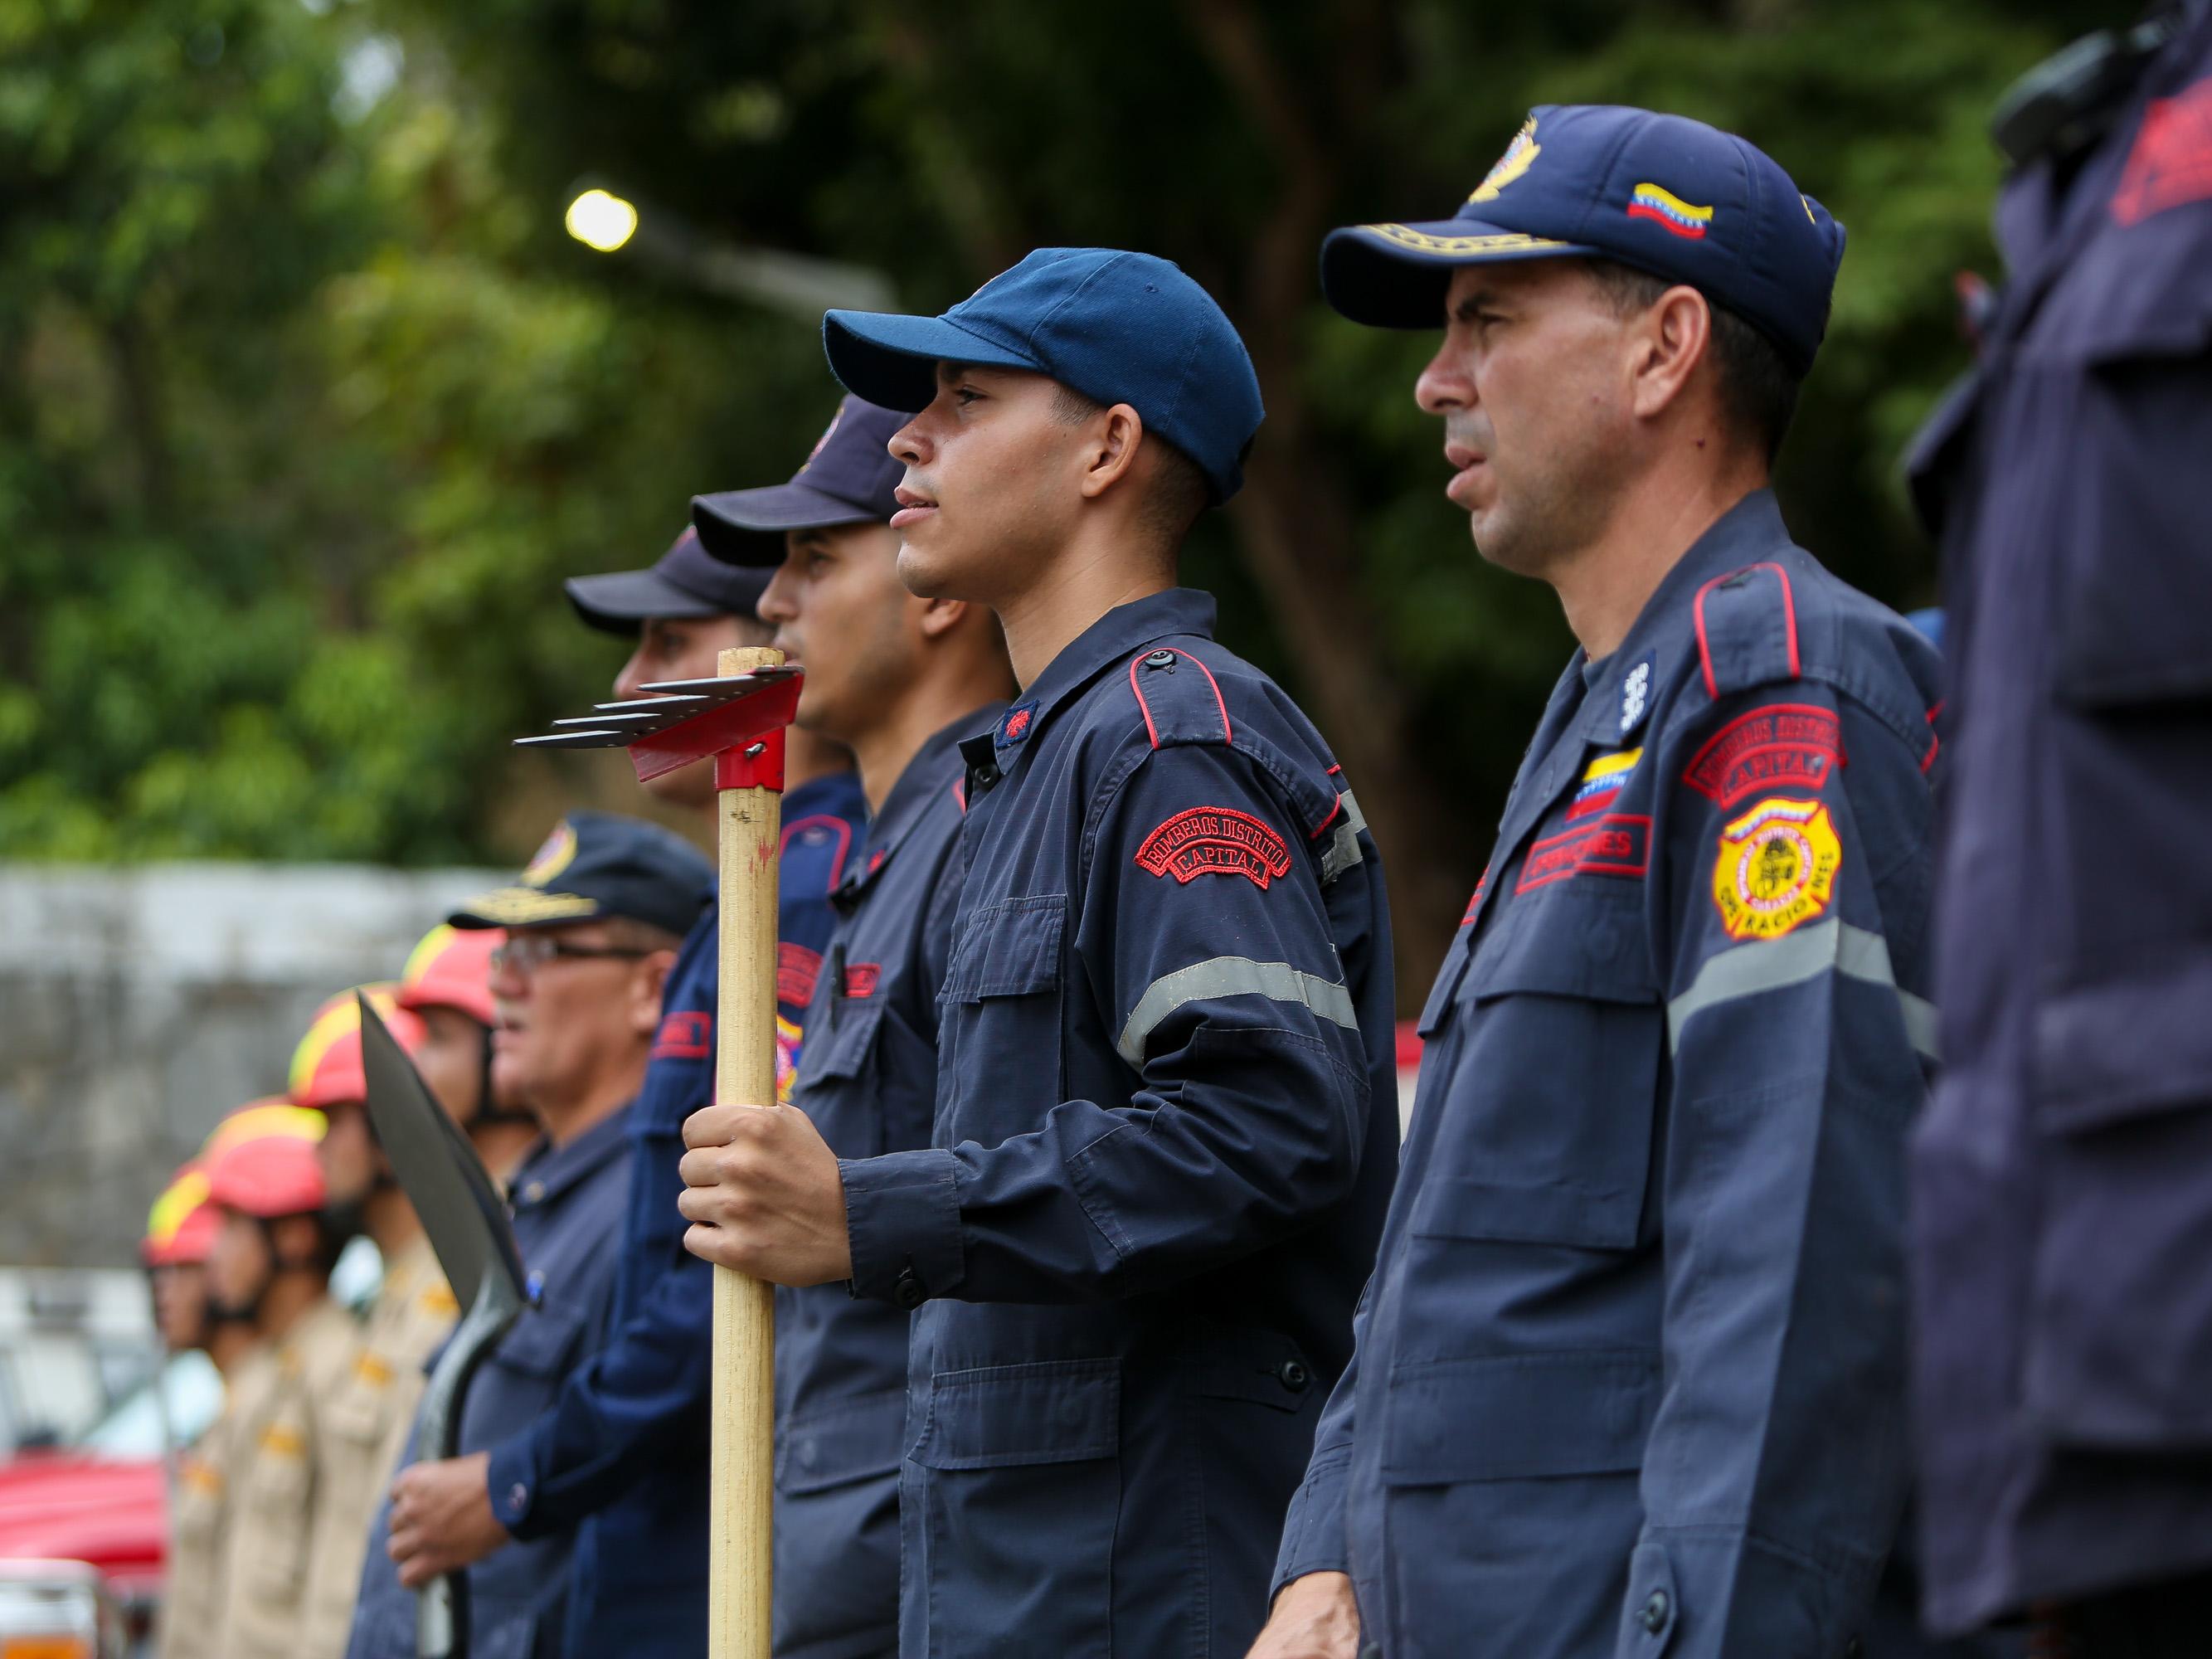 Condecorados héroes forestales por su valentía y coraje en el resguardo de las áreas naturales (7)